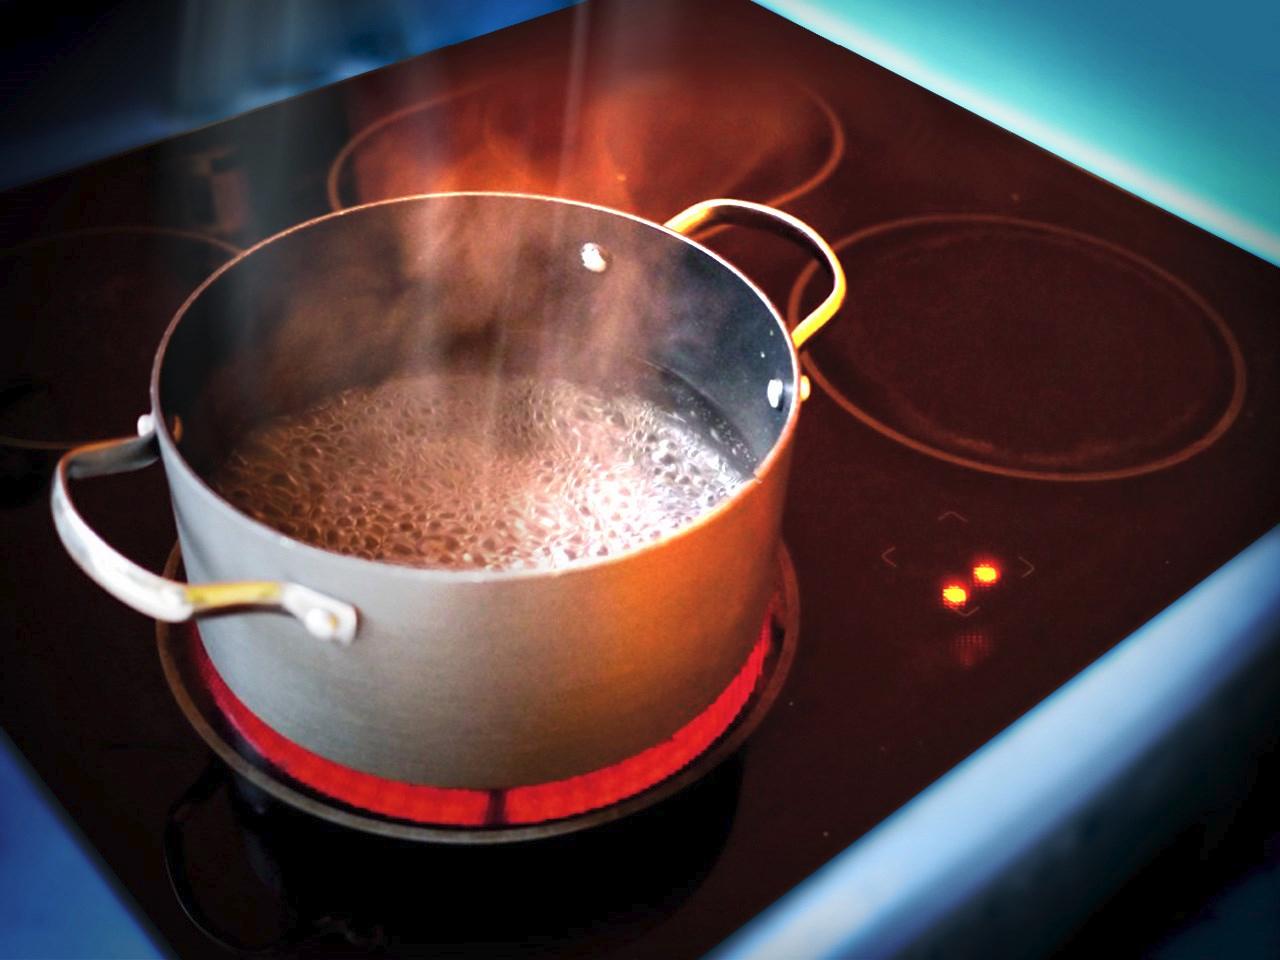 boil water_1547247299105.jpg.jpg